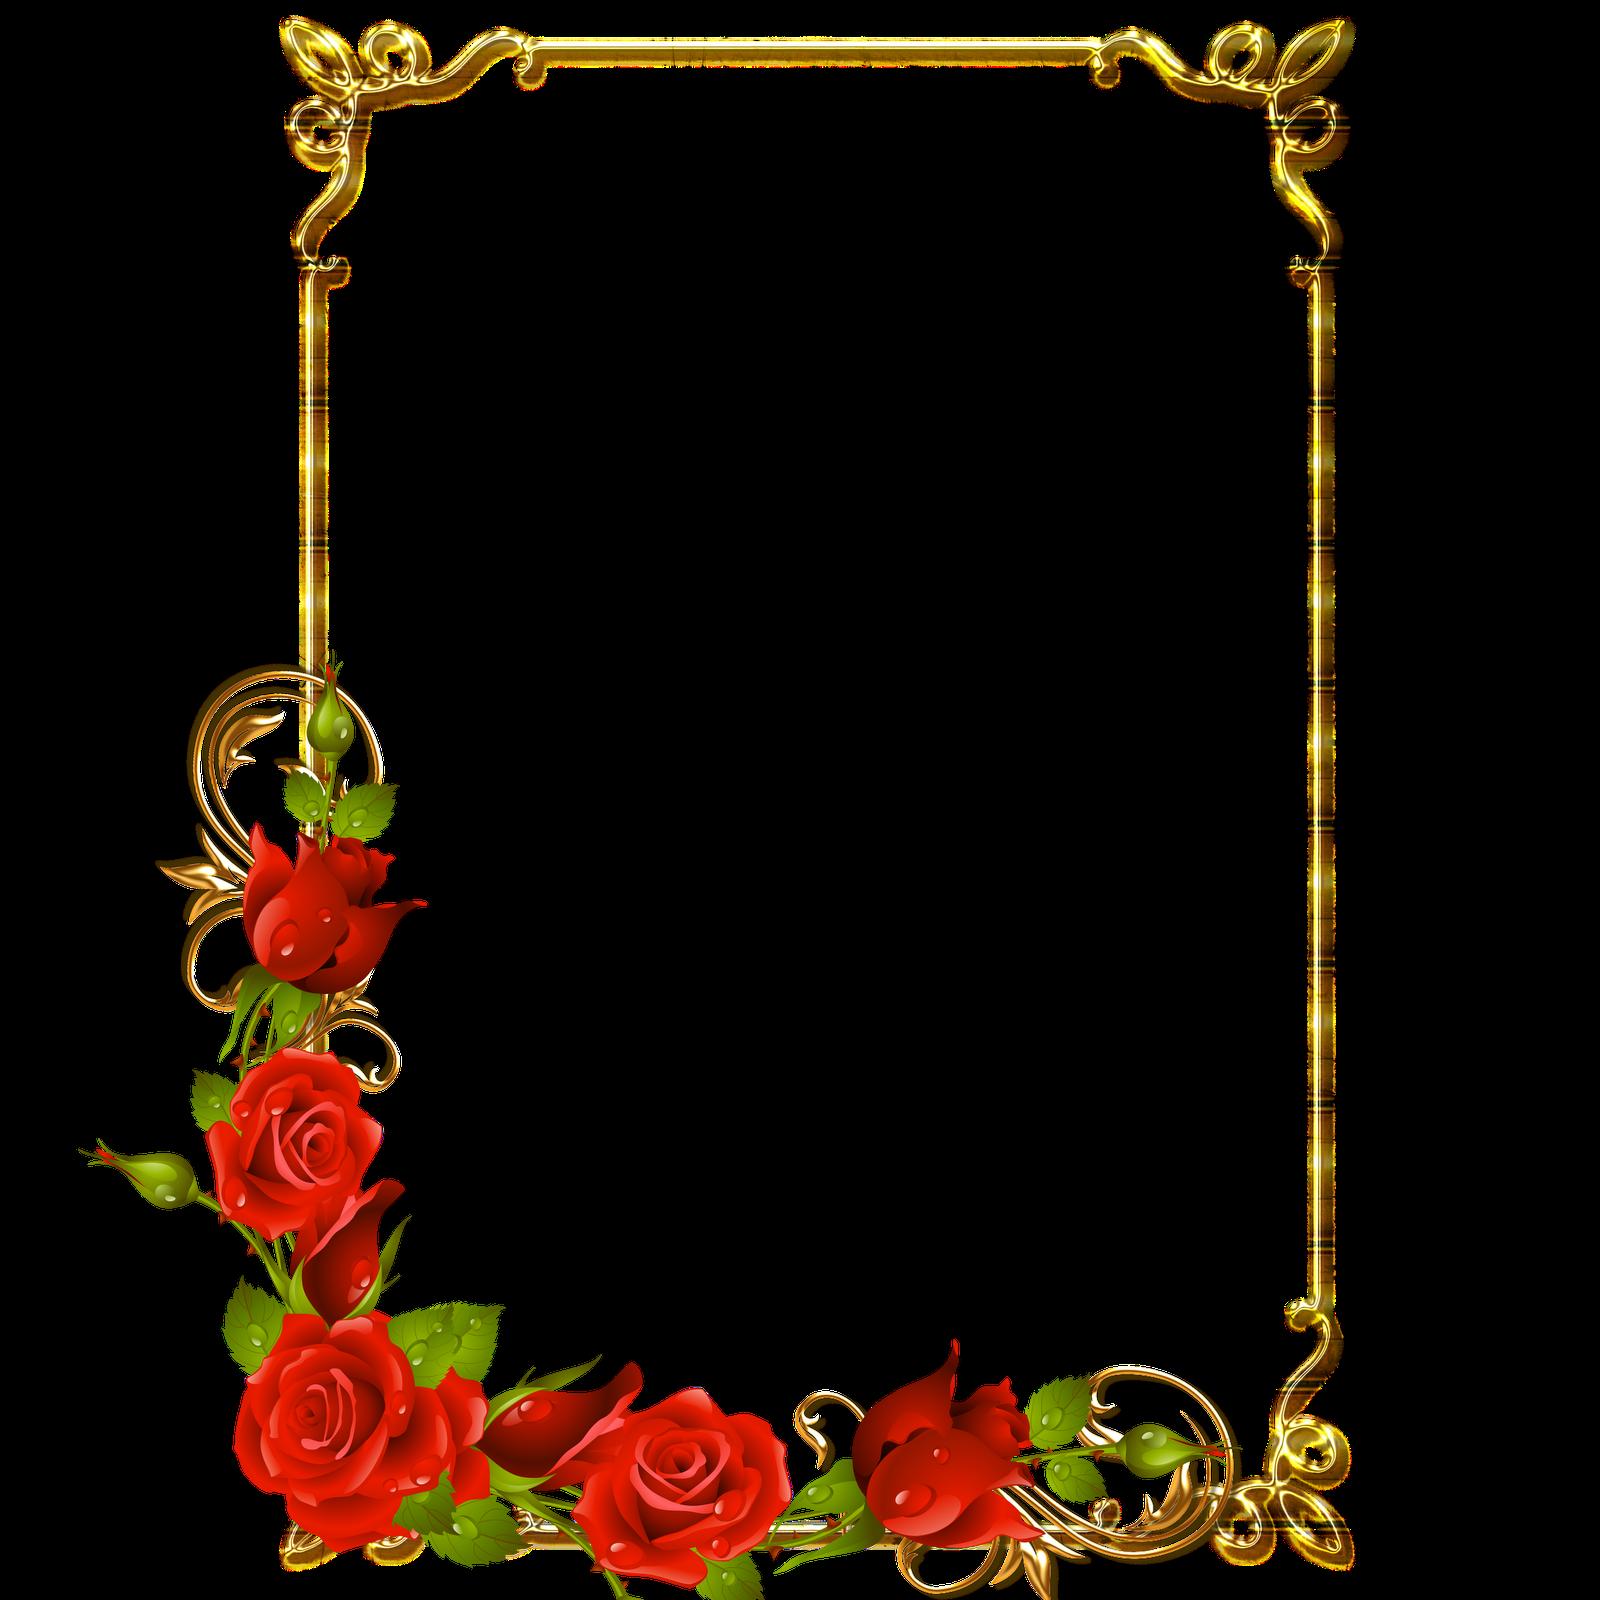 Vector Flores Convites Convites Casamento Casamento Png E: Pin De Juliane Lins Em Fontes